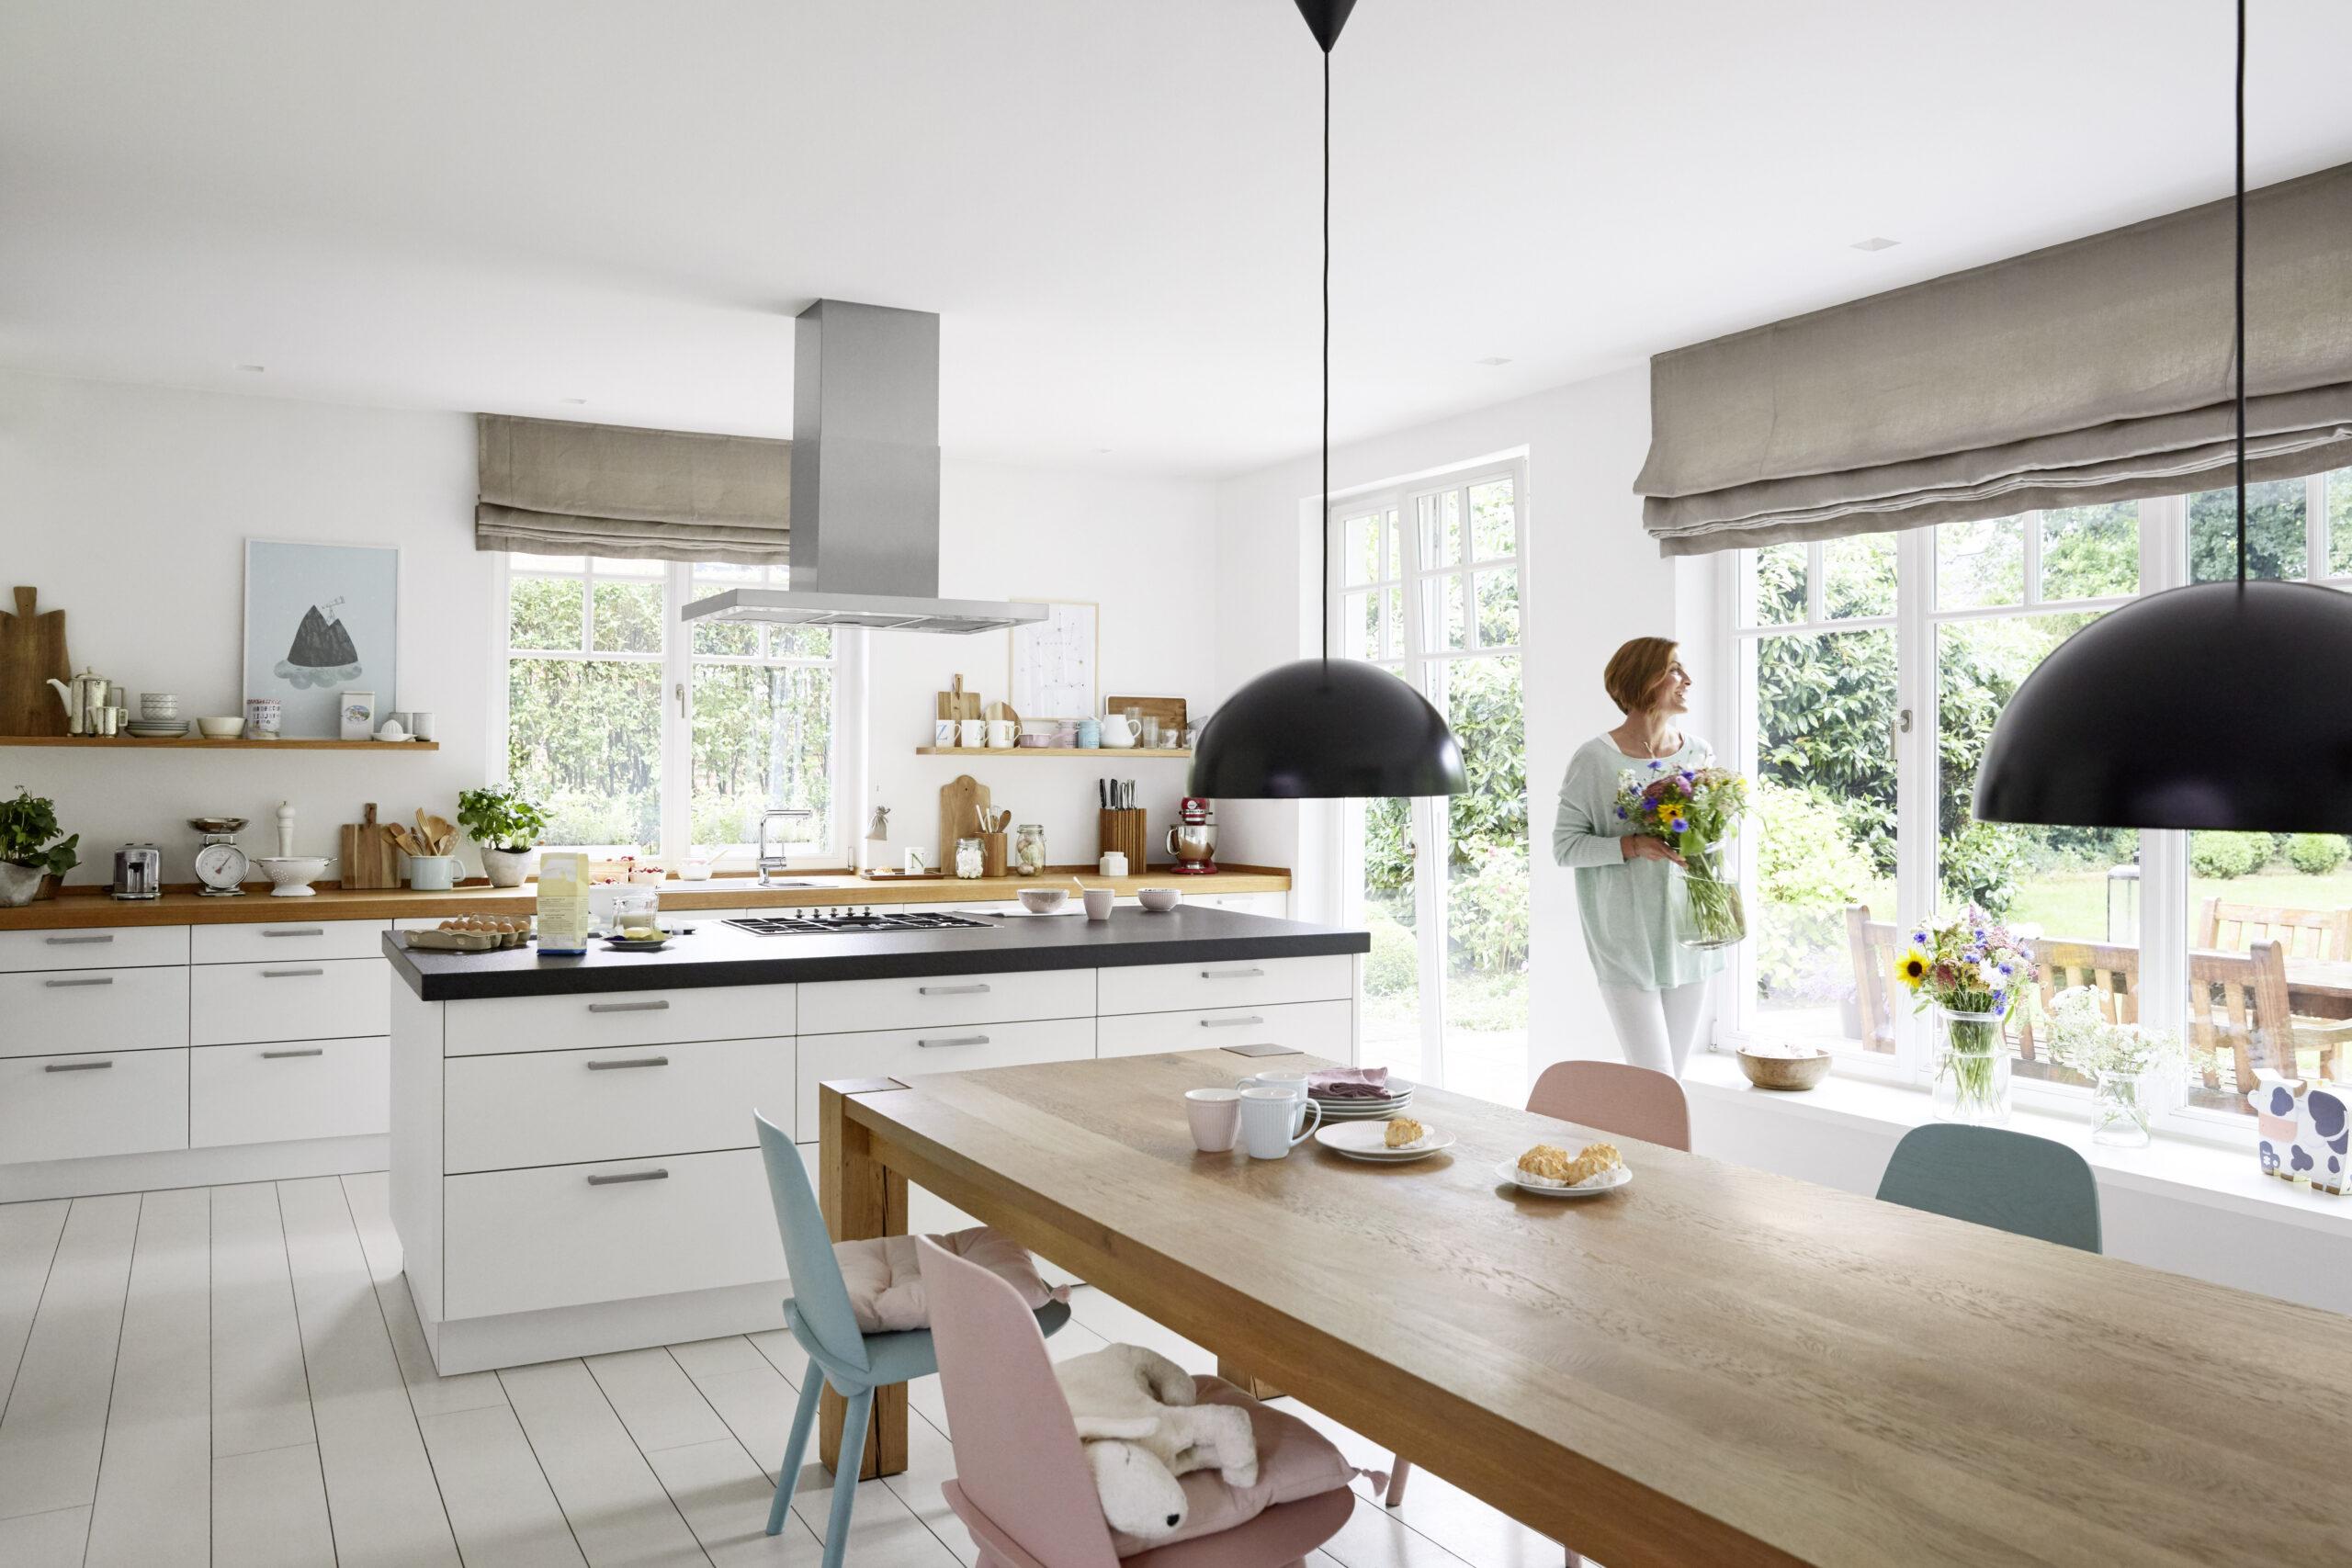 Full Size of Mit Farben Und Materialien Perfekte Wohnkche Gestalten Sofa Alternatives Küchen Regal Wohnzimmer Alternative Küchen